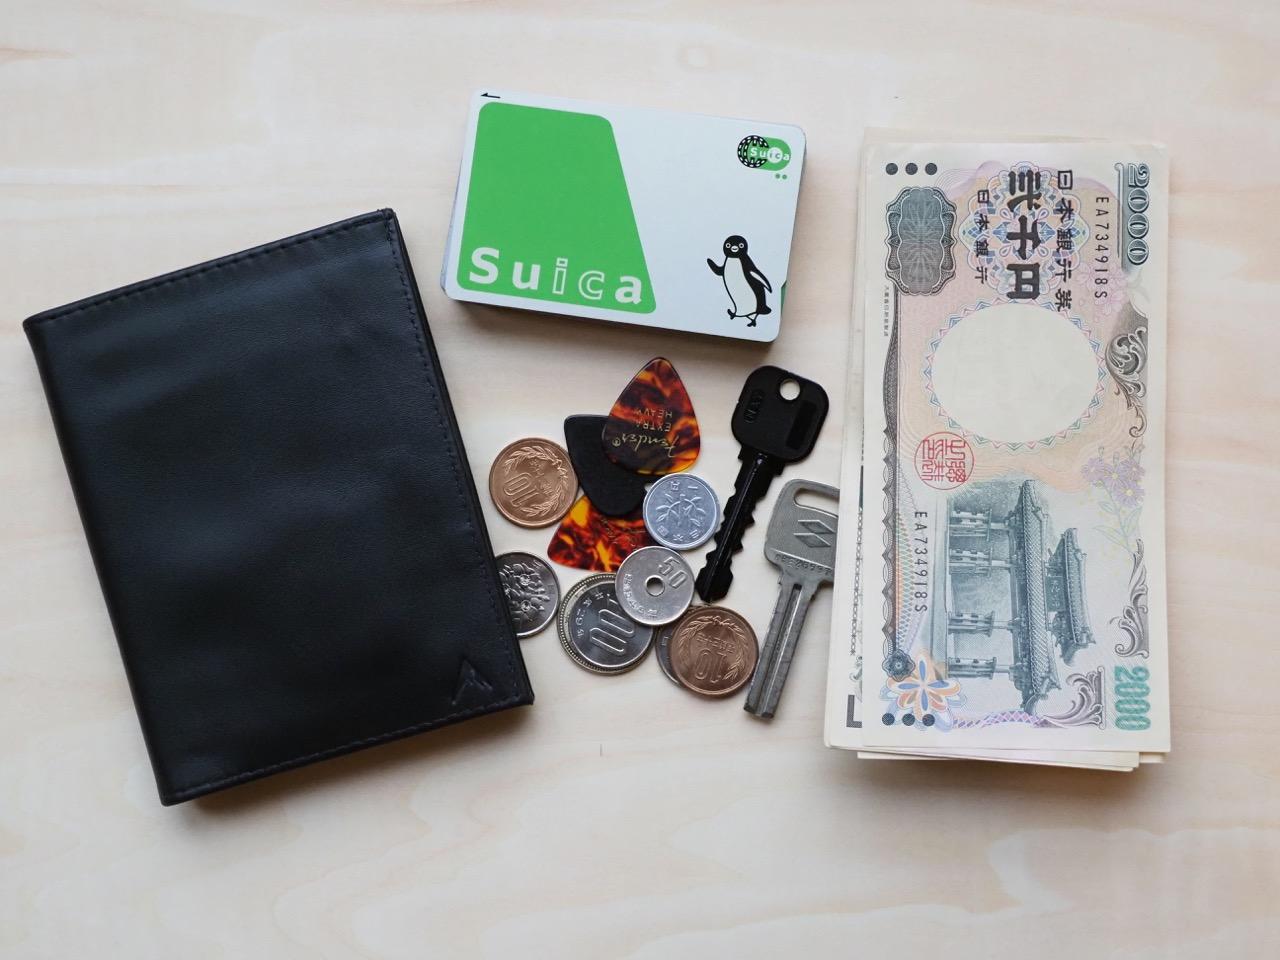 カードは増えるけど現金も使う日本のサイフ